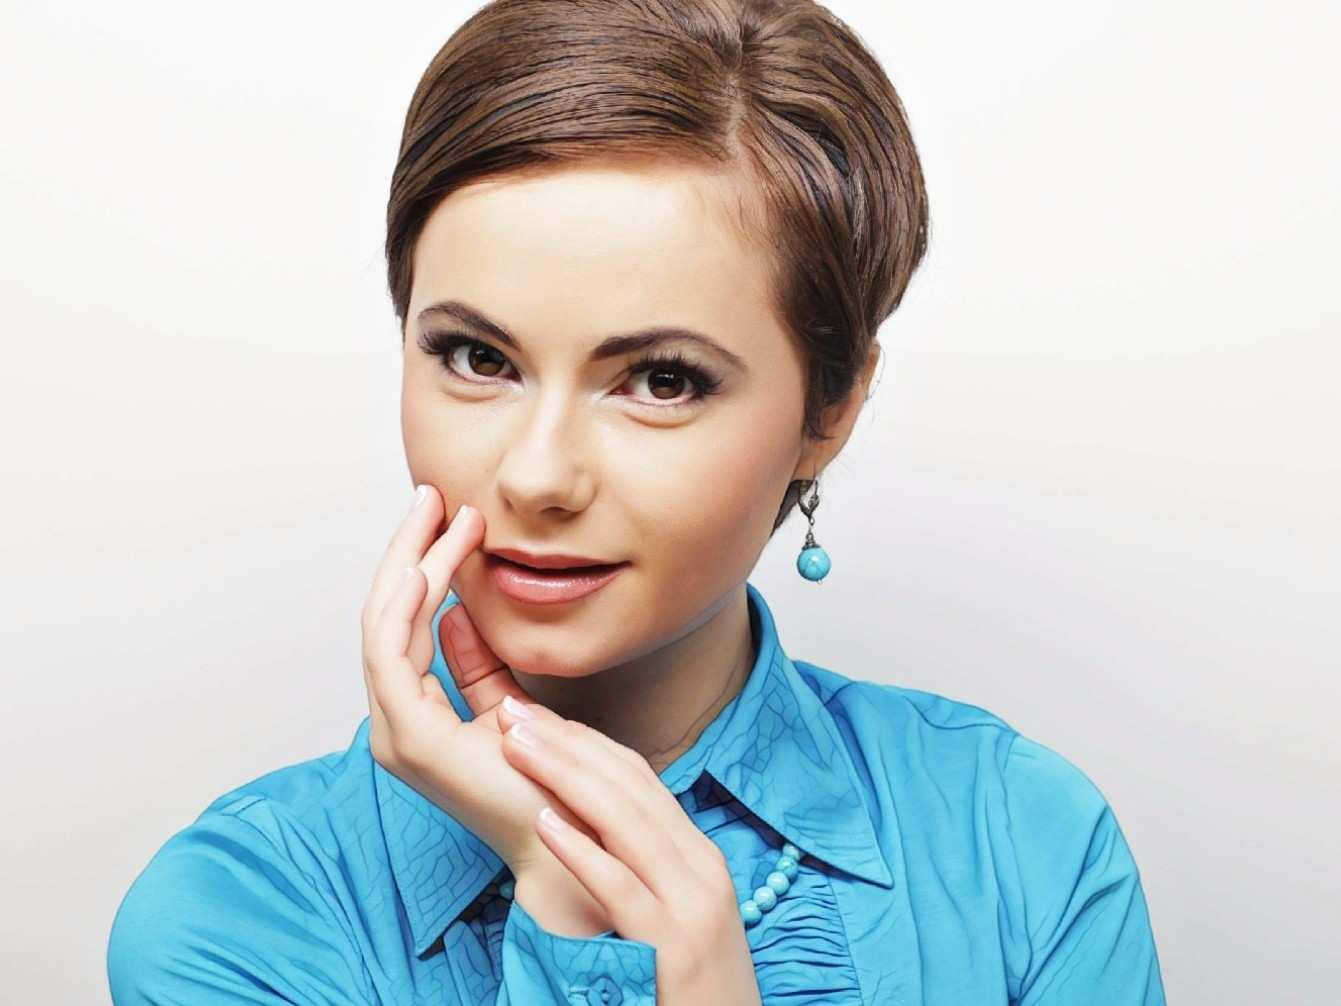 эффект безъинекционной мезотерапии на лице